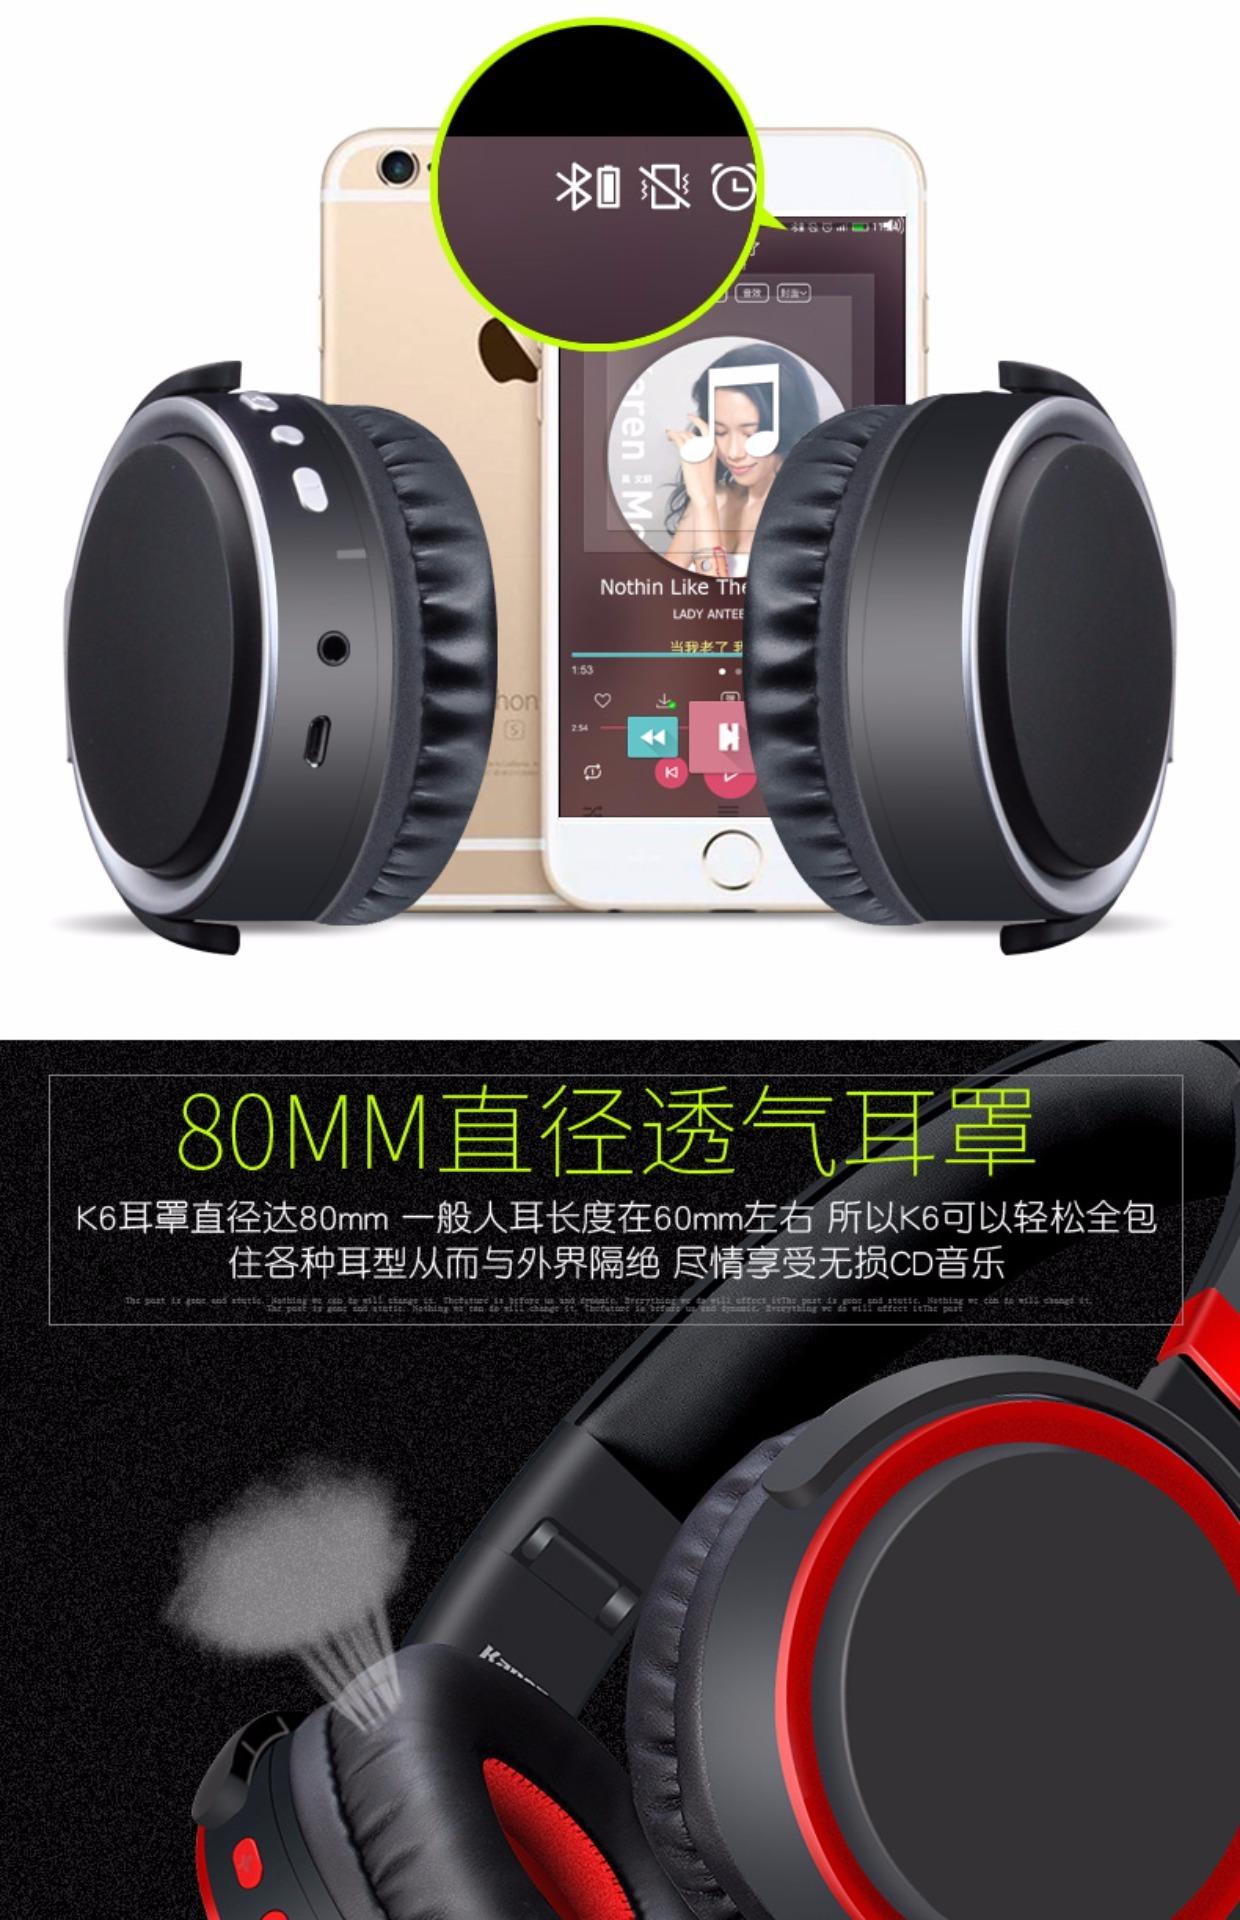 kanen/卡能 K6重低音蓝牙耳机头戴式音乐手机通用无线折叠大耳麦13张